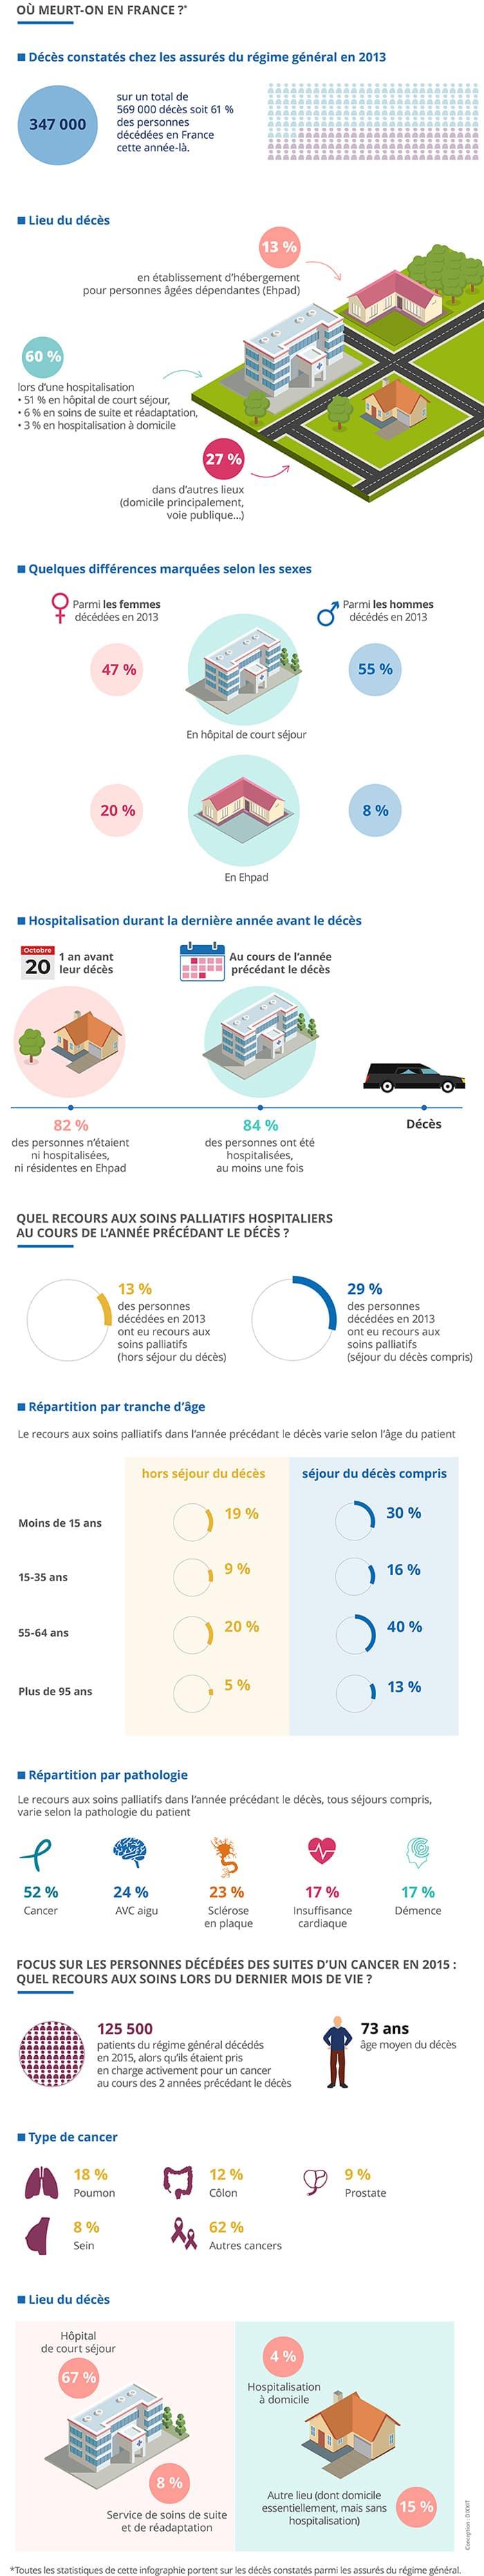 L'infographie porte sur les lieux de décès en France en 2013, le recours aux hospitalisations et aux soins palliatifs dans l'année précédant le décès. La dernière partie fait un focus sur les lieux du décès des personnes mortes des suites d'un cancer en 2015.